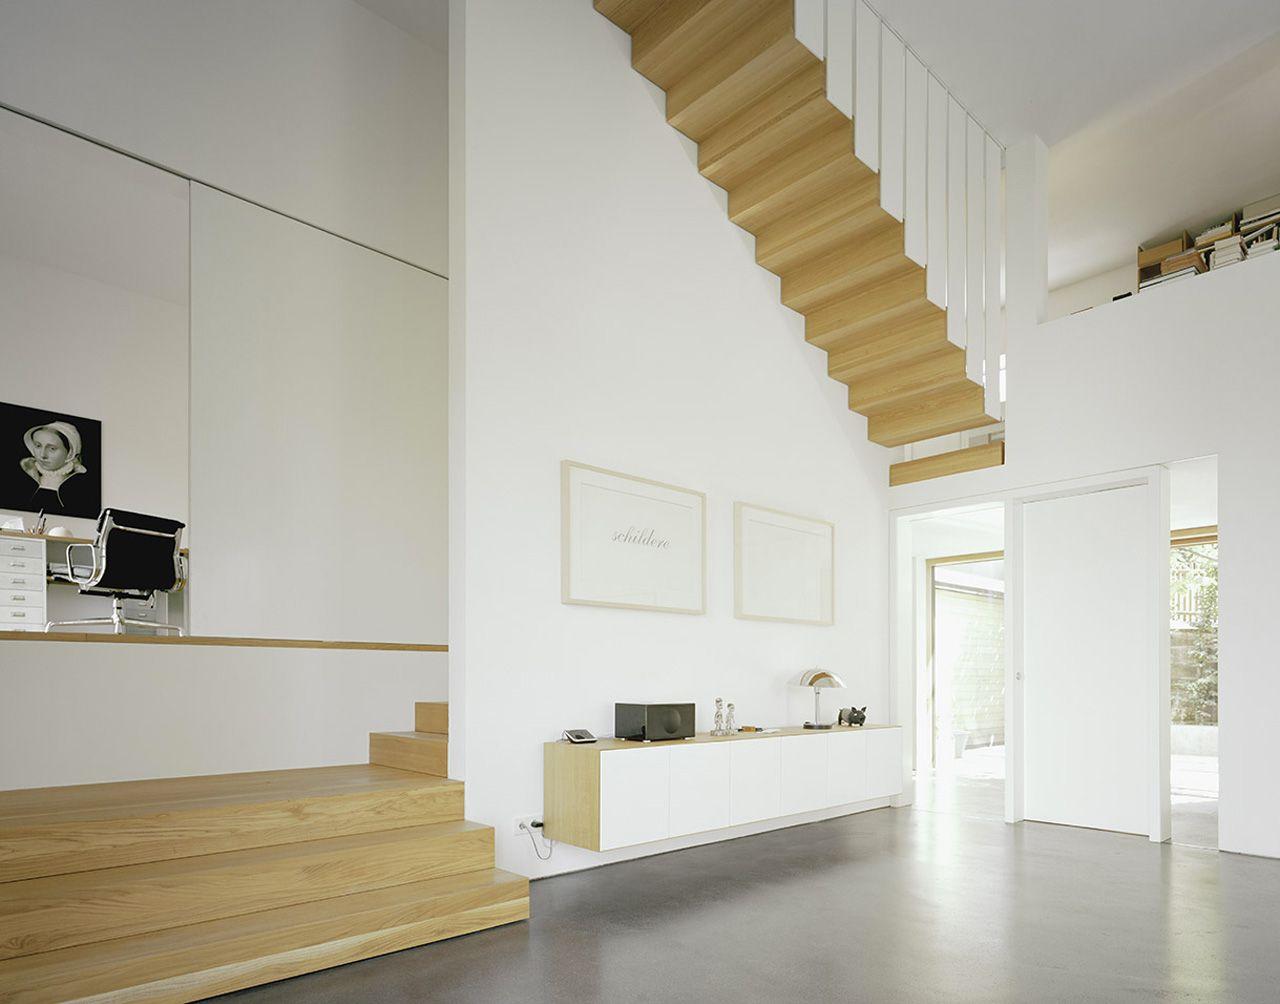 Architektur 109, Haus Tazzelwurm, Stuttgart